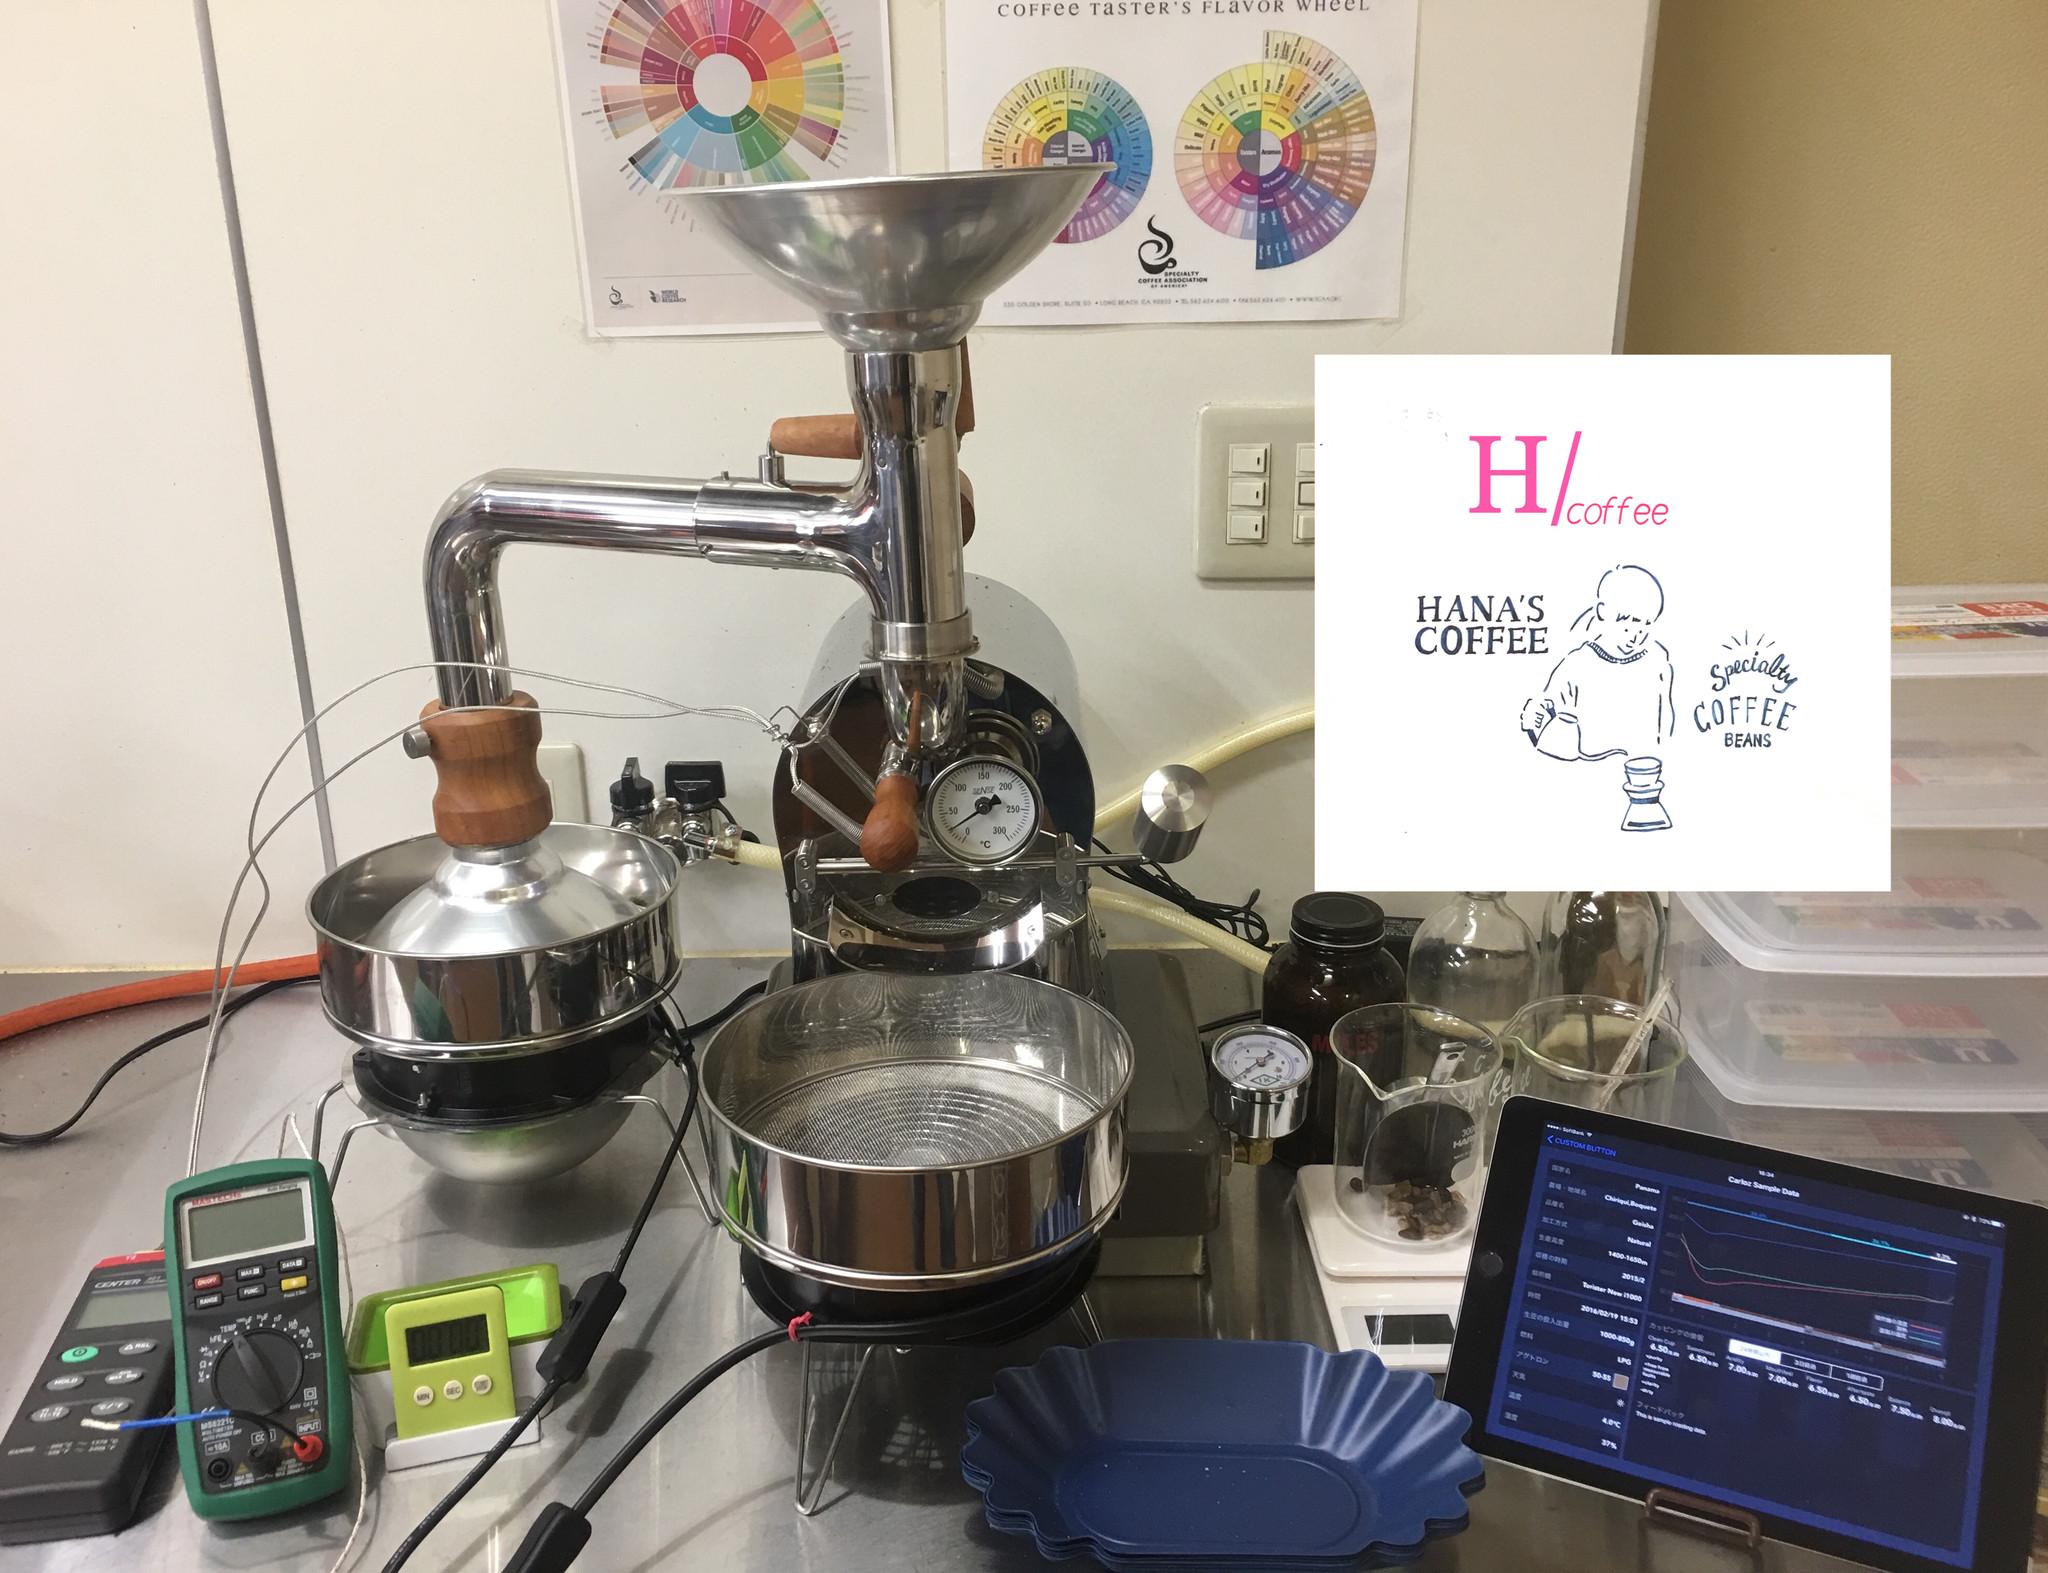 HANA'S COFFEE ROASTERS の焙煎機です!